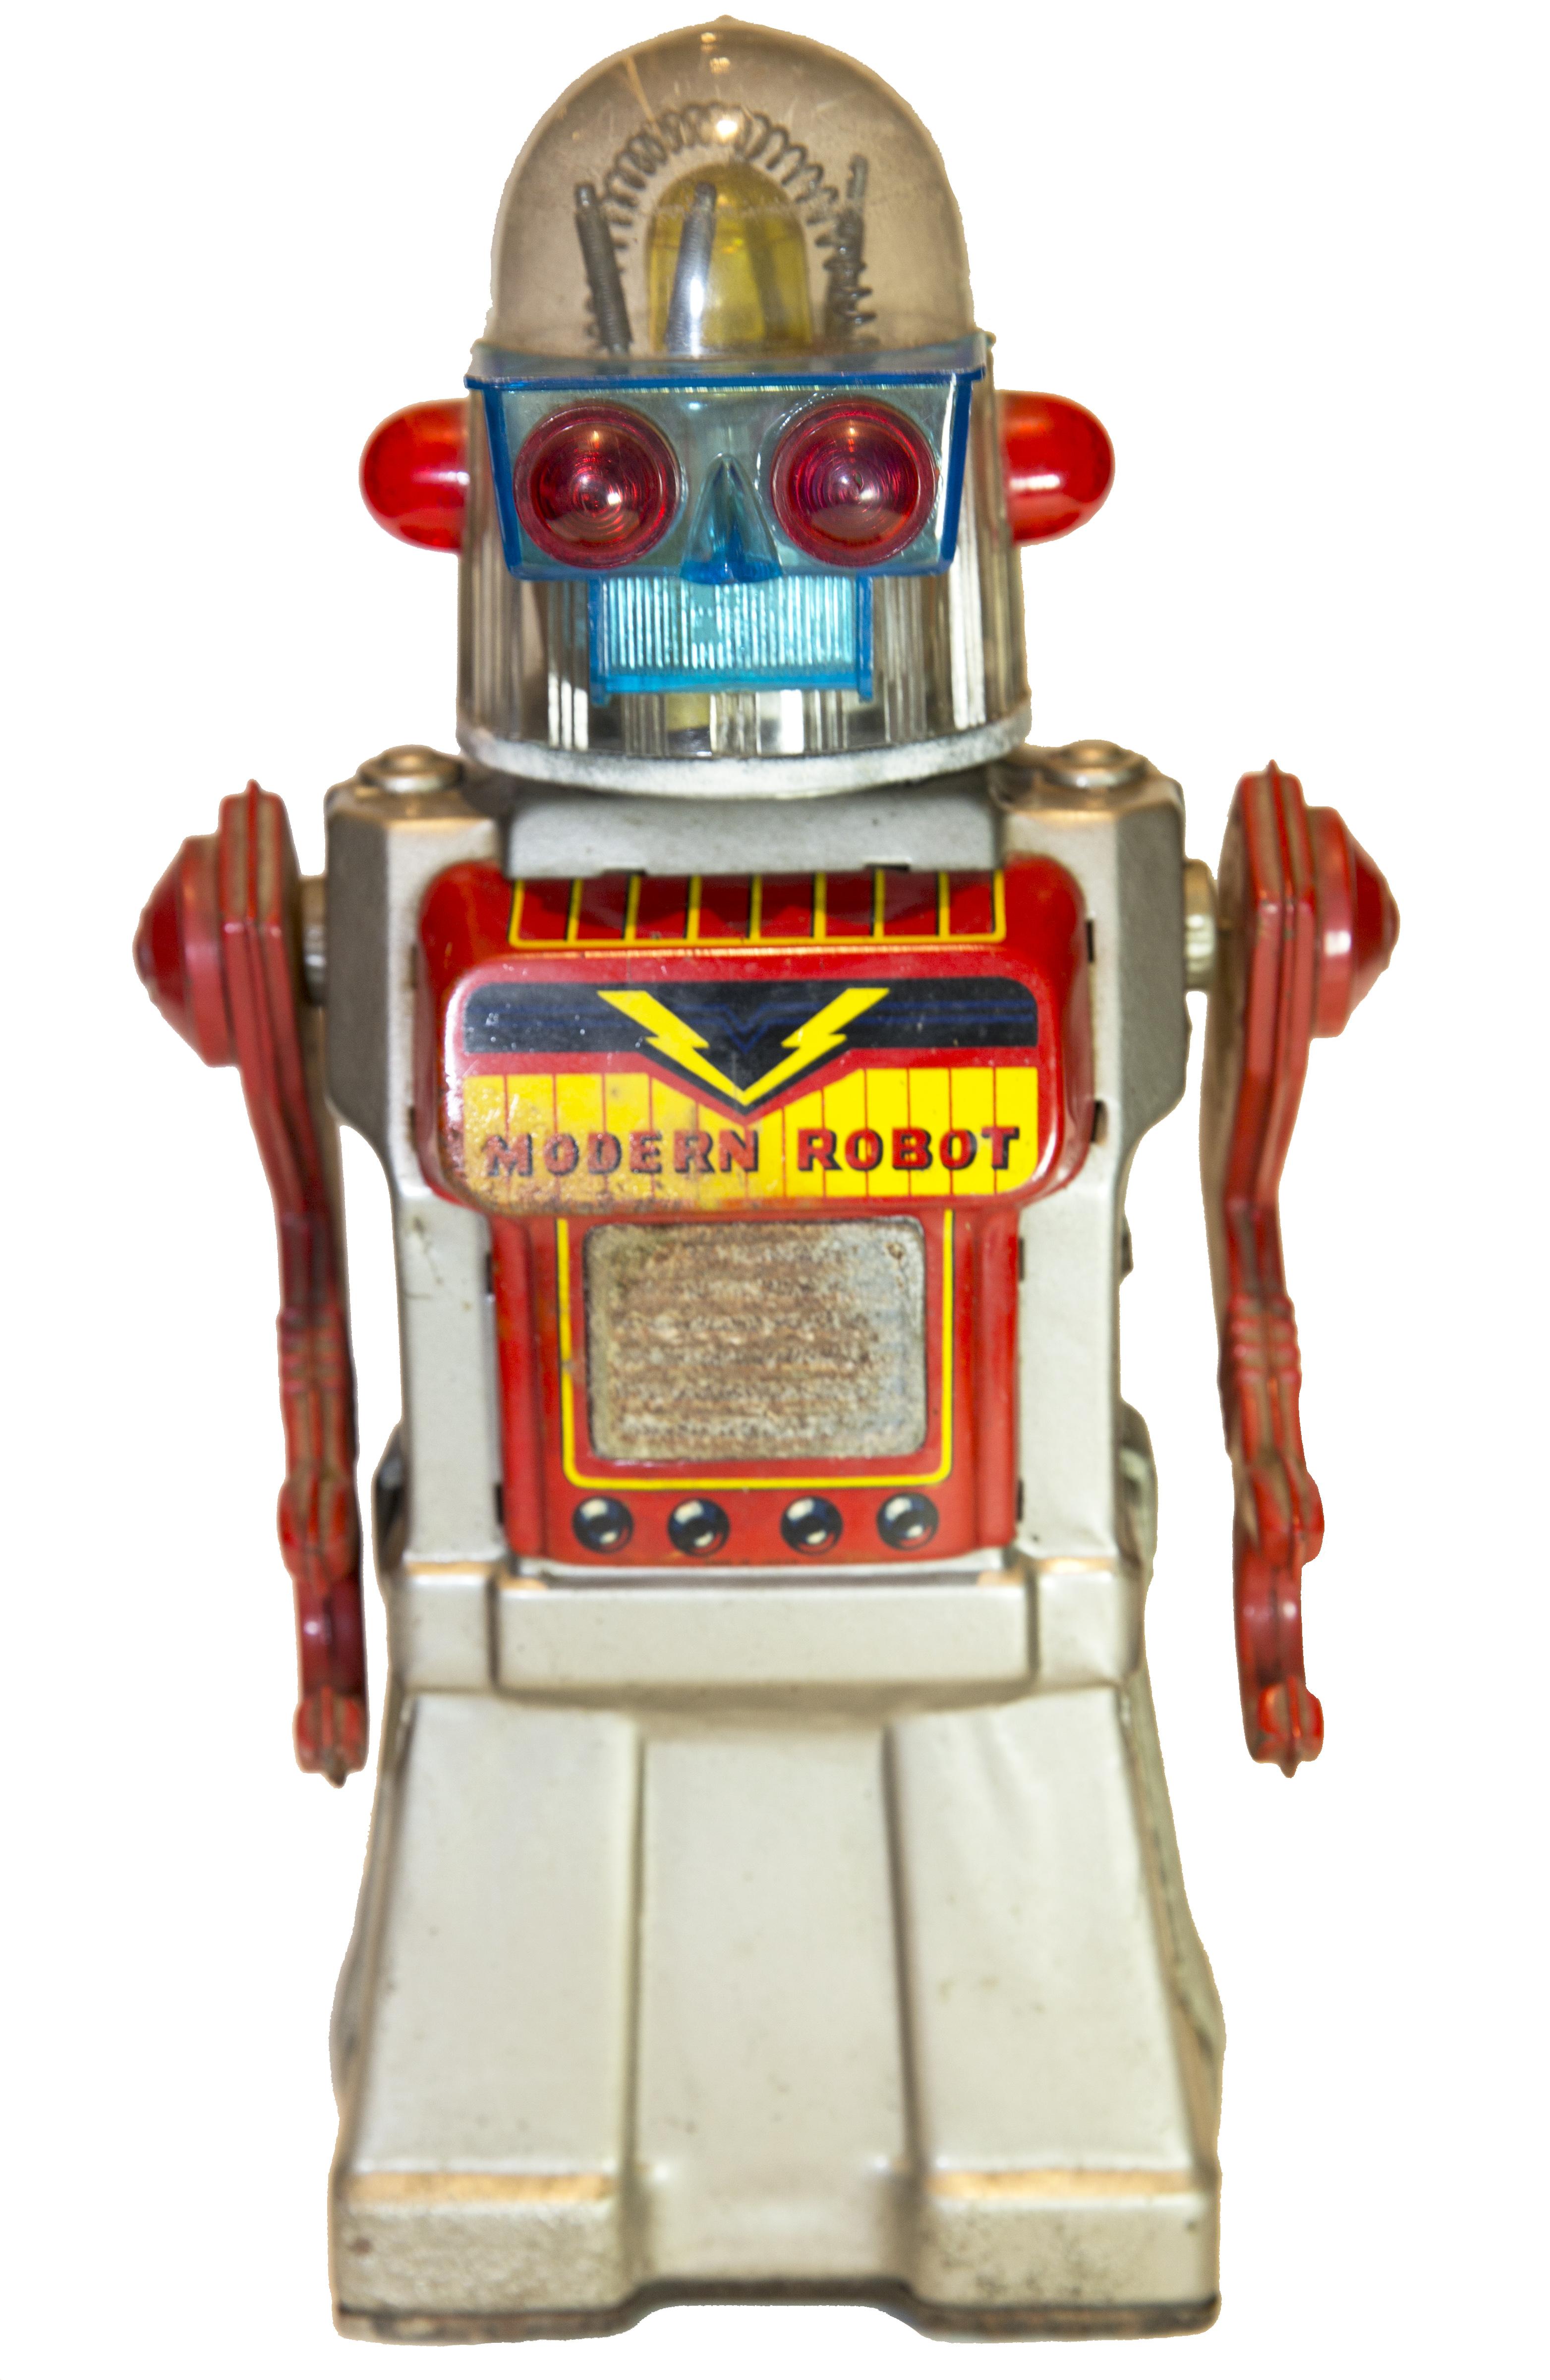 MODERN ROBOT ELECTRONIC